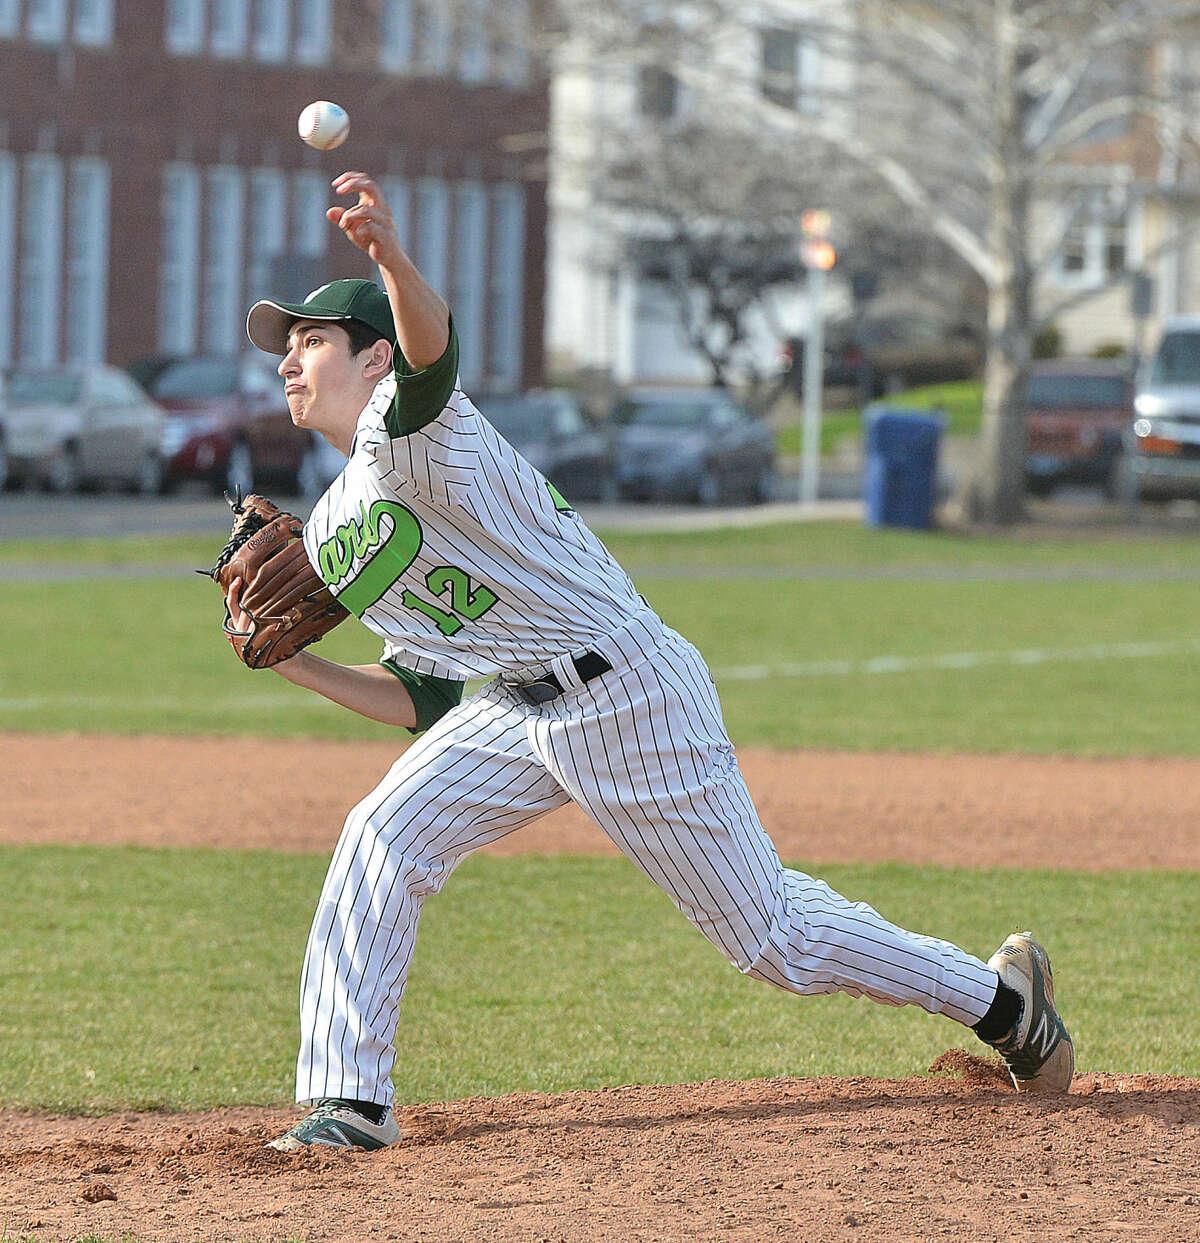 Norwalk's Max Berman pitches against Ridgefield on Monday. (Hour Photo/Alex von Kleydorff)